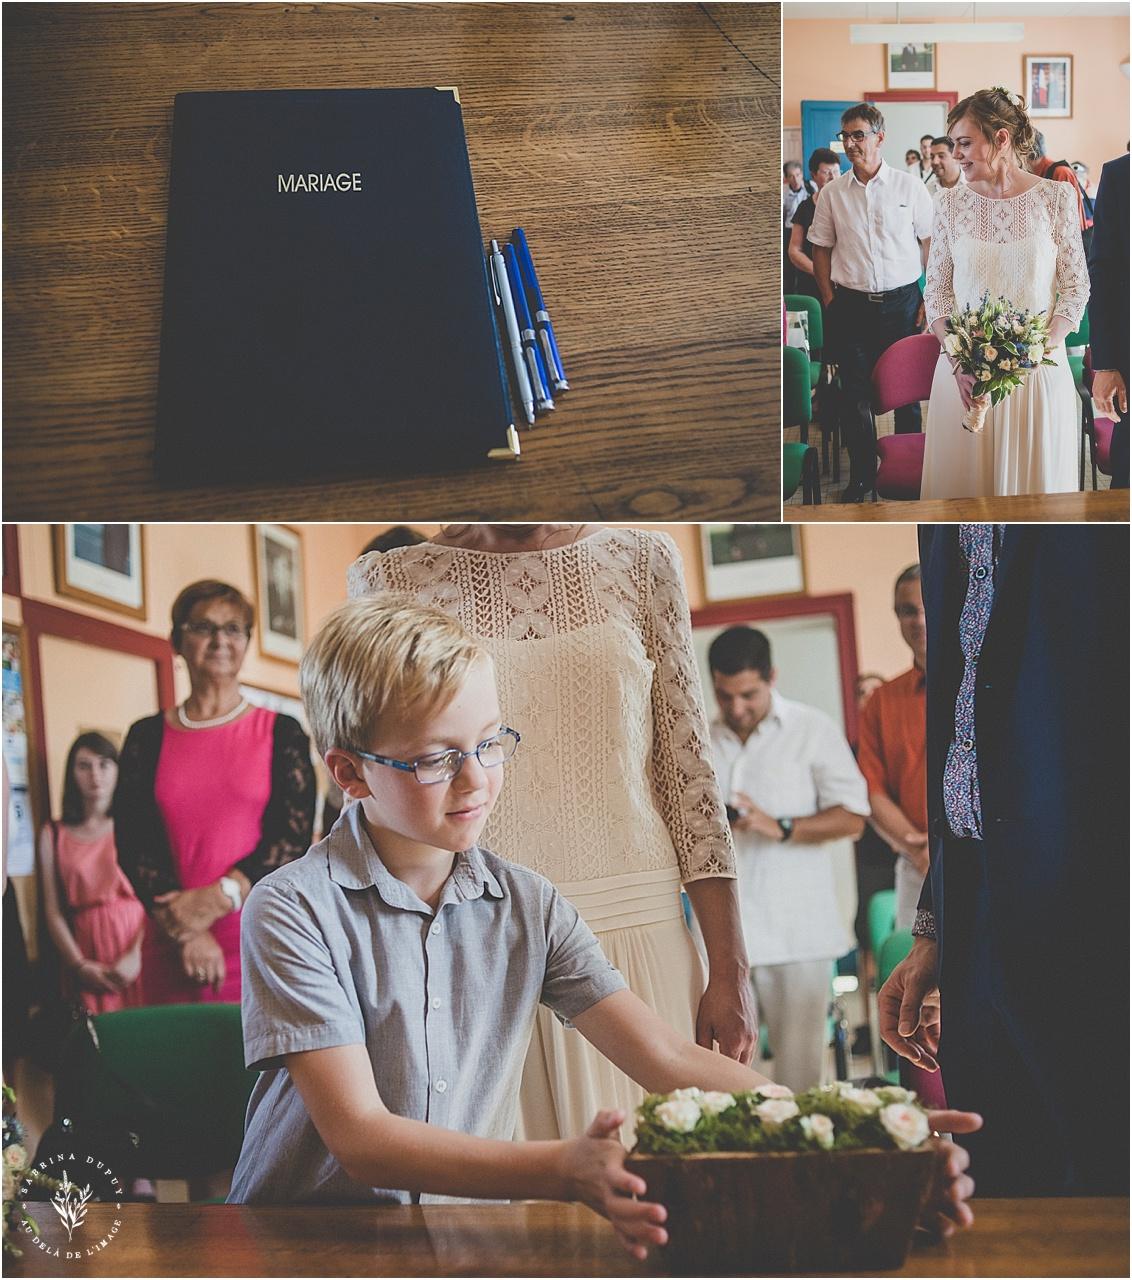 mariage-131